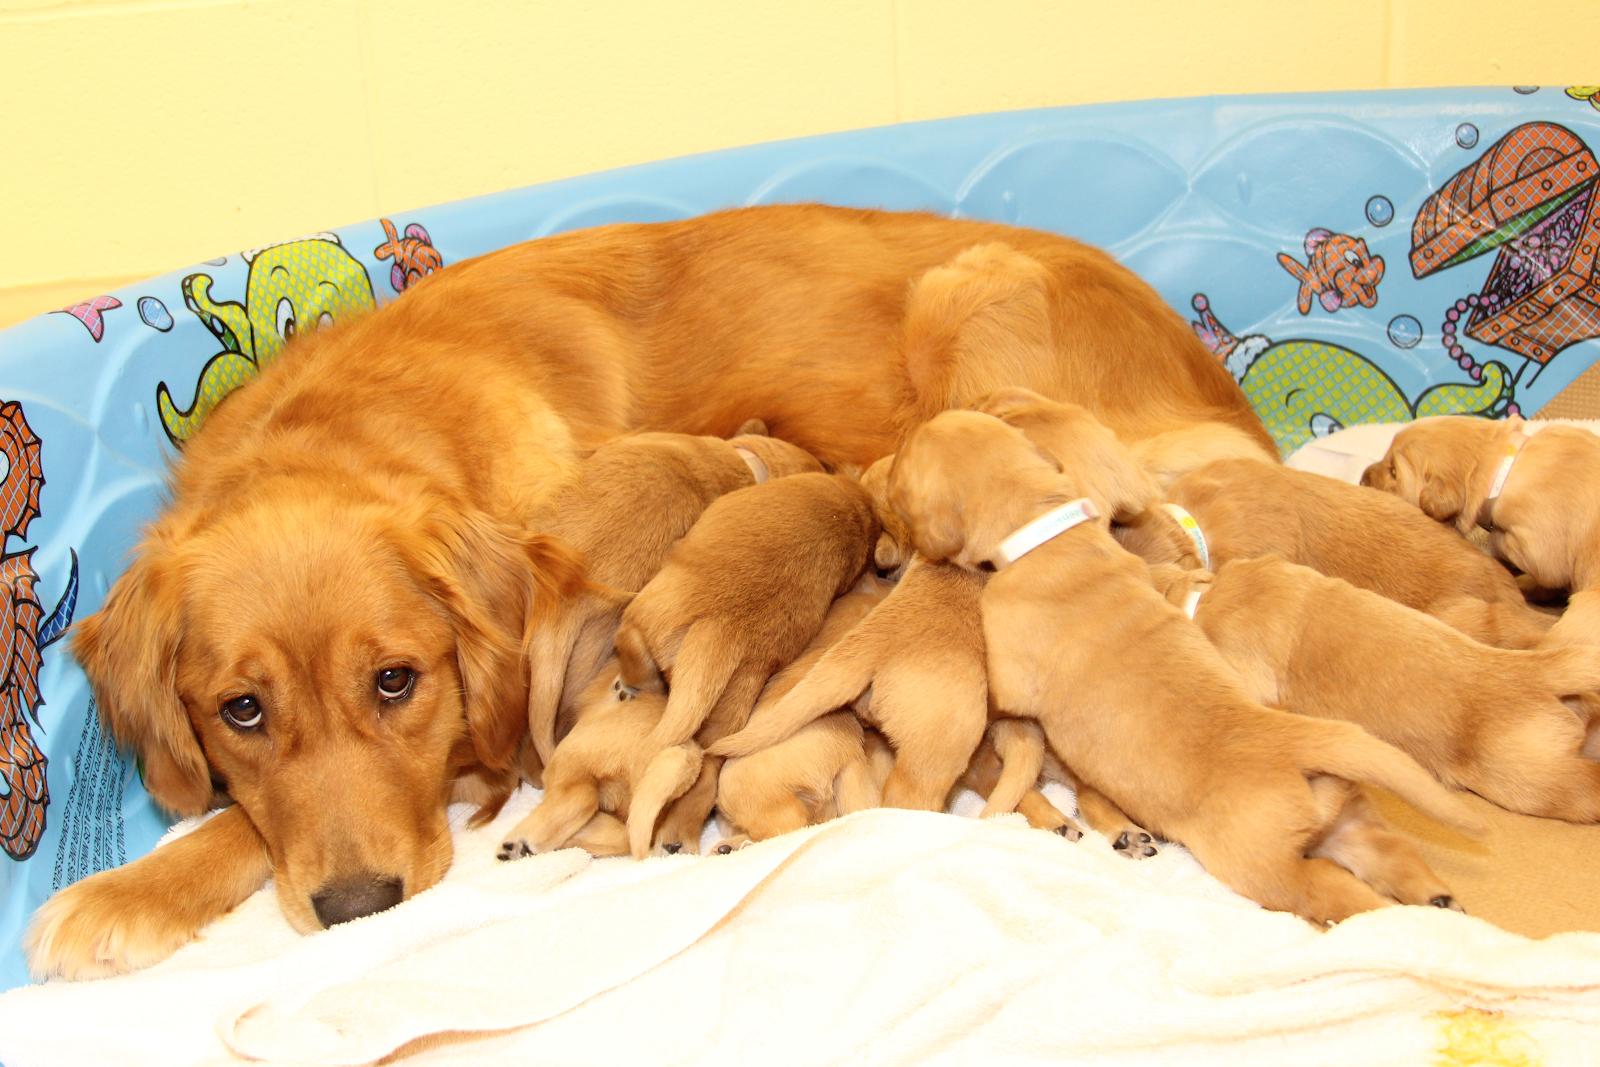 Nguyên nhân gây ra bệnh u mỡ ở chó